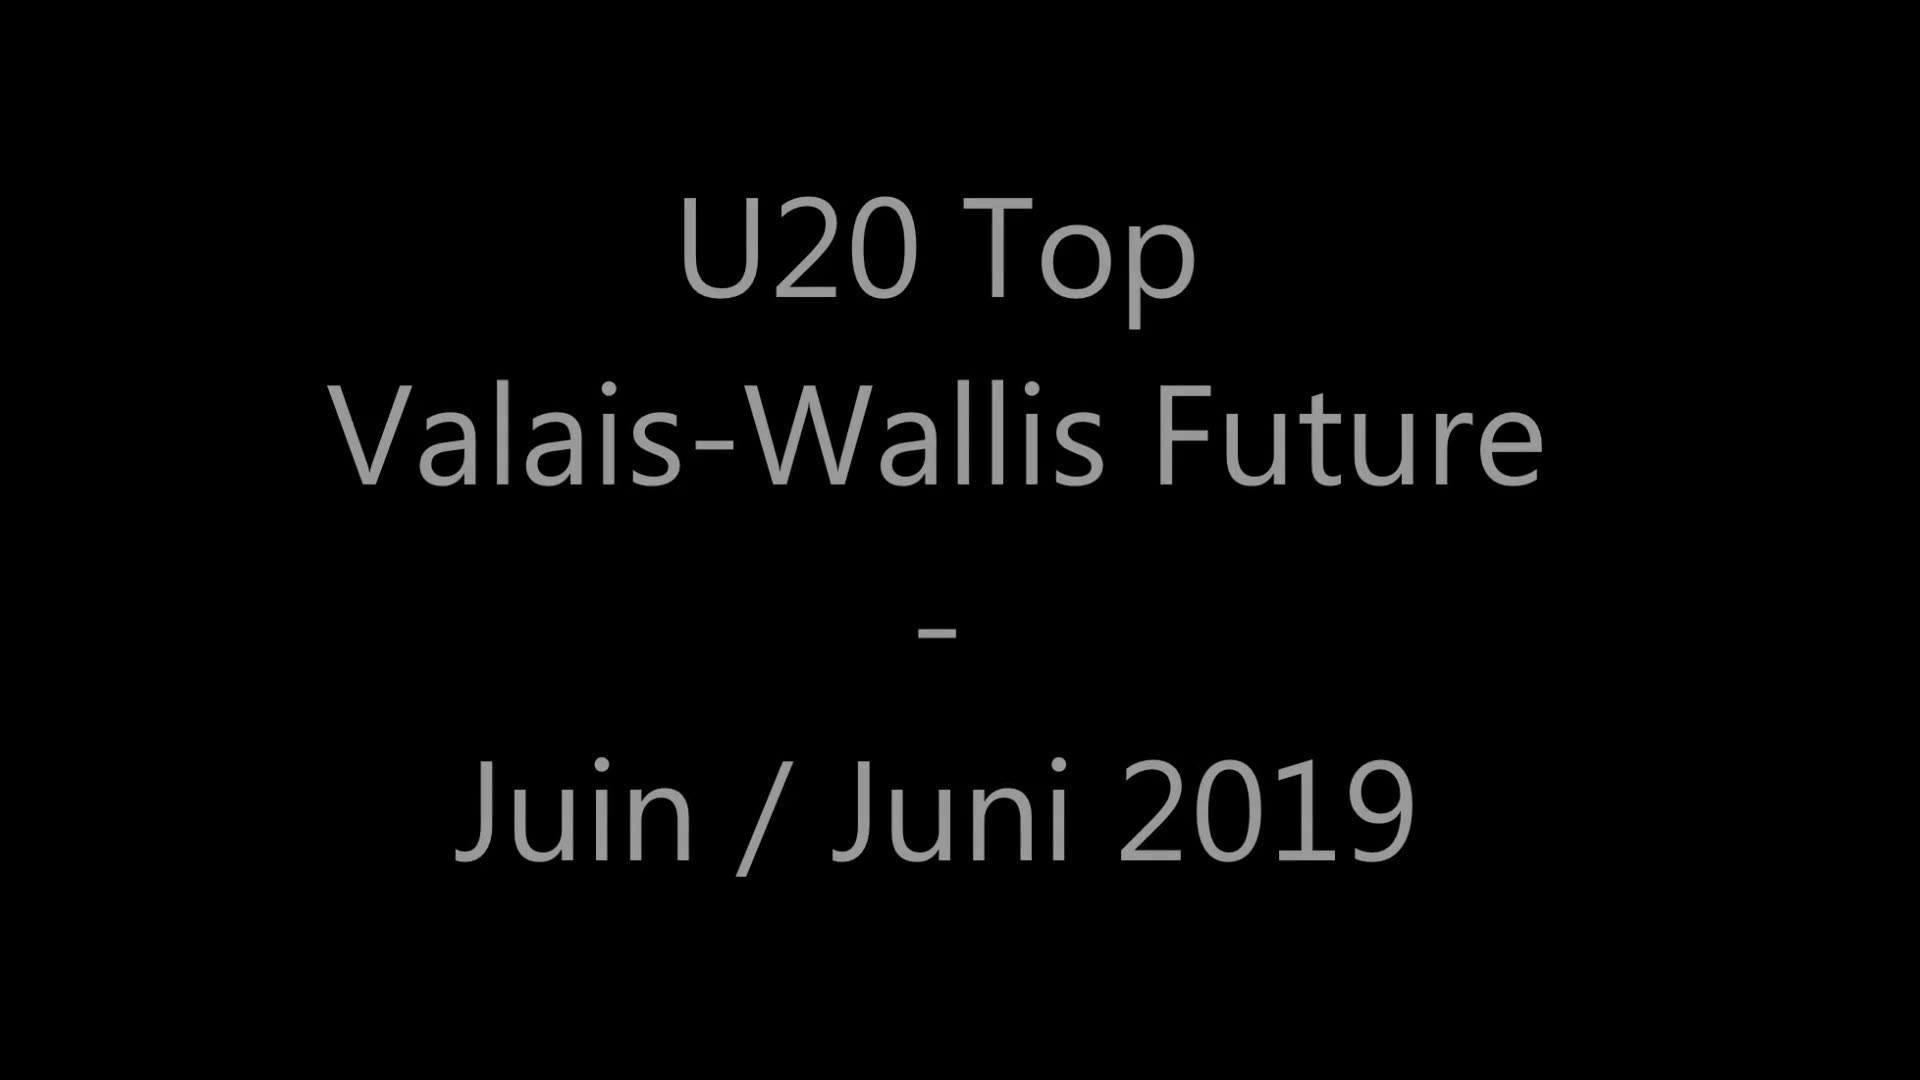 Entraînement sur glace pour les U20 Top Valais-Wallis Future 🥵. Dès début juin, les…